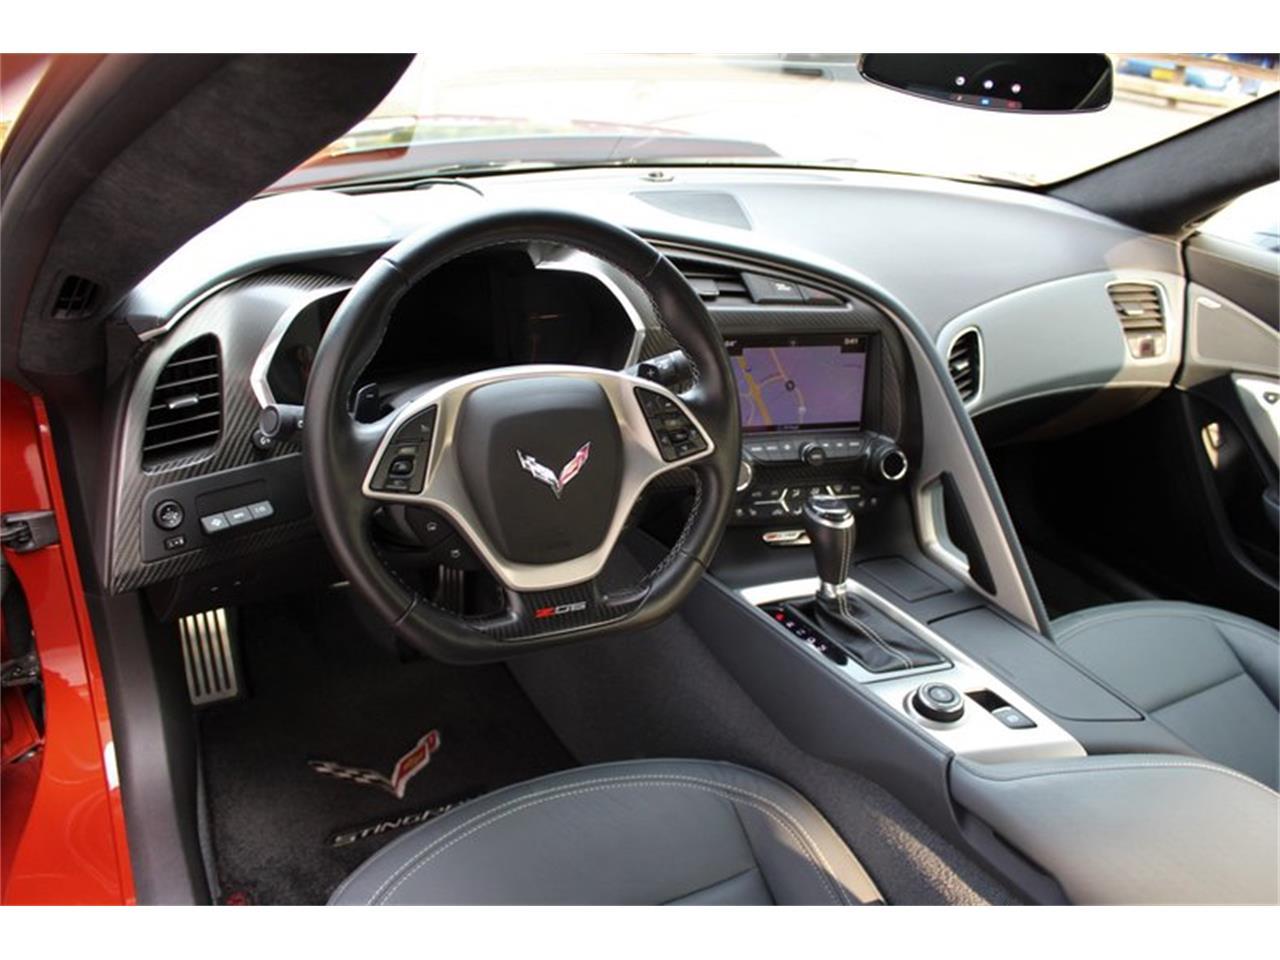 2016 Chevrolet Corvette (CC-1390265) for sale in Clifton Park, New York